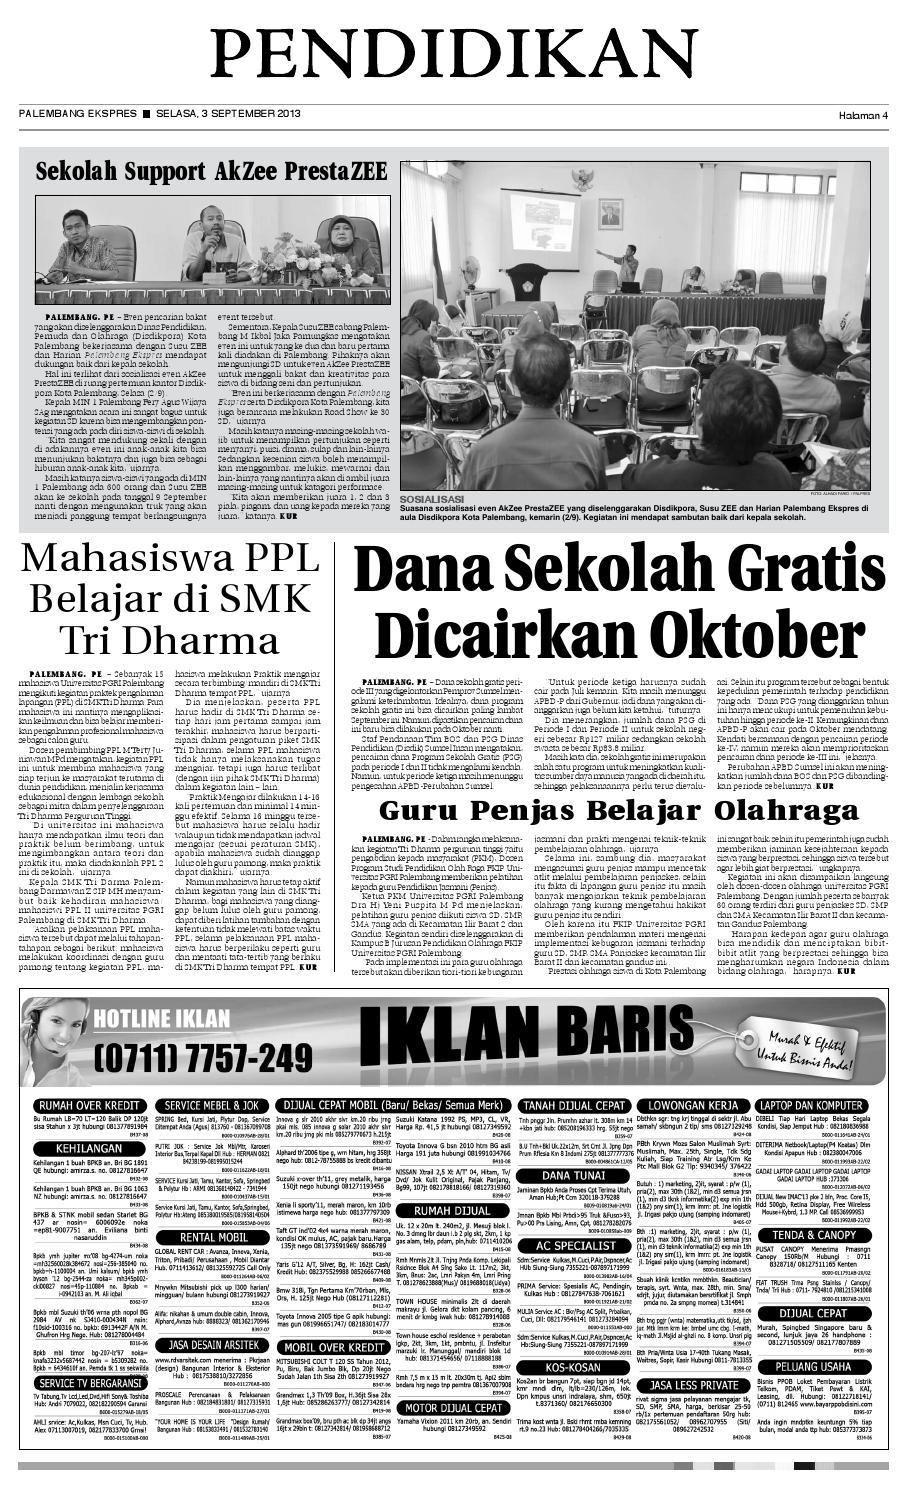 Palembang Ekspres Selasa 3 September 2013 By Palembang